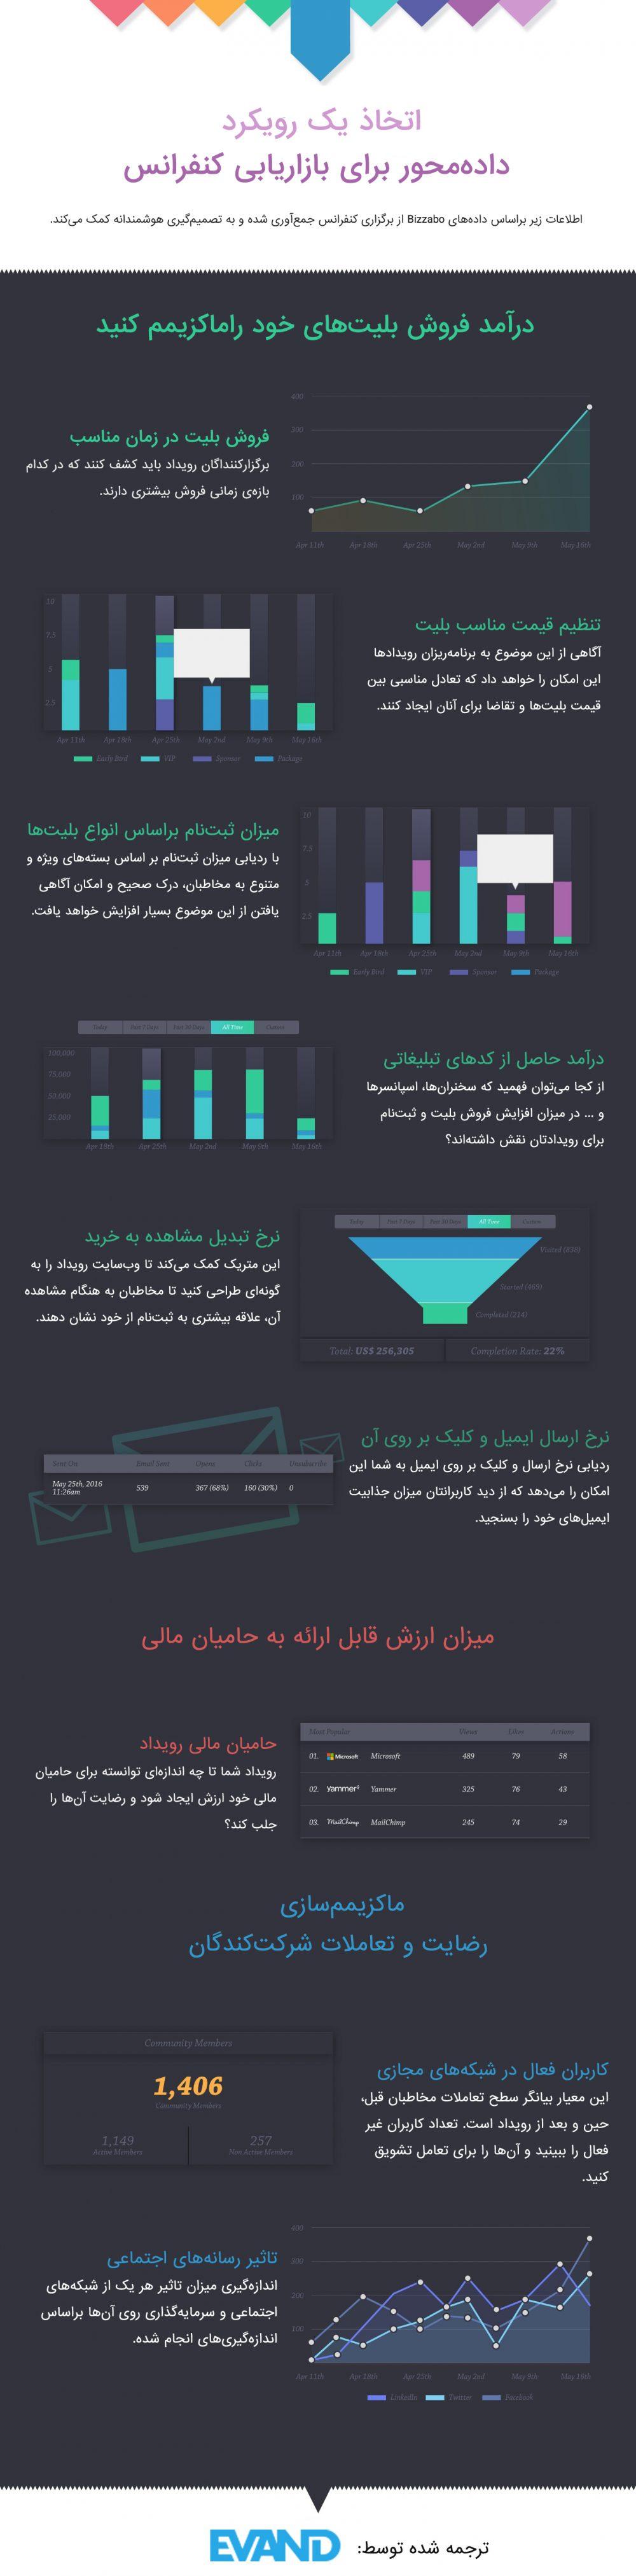 بازاریابی کنفرانس- ایوند